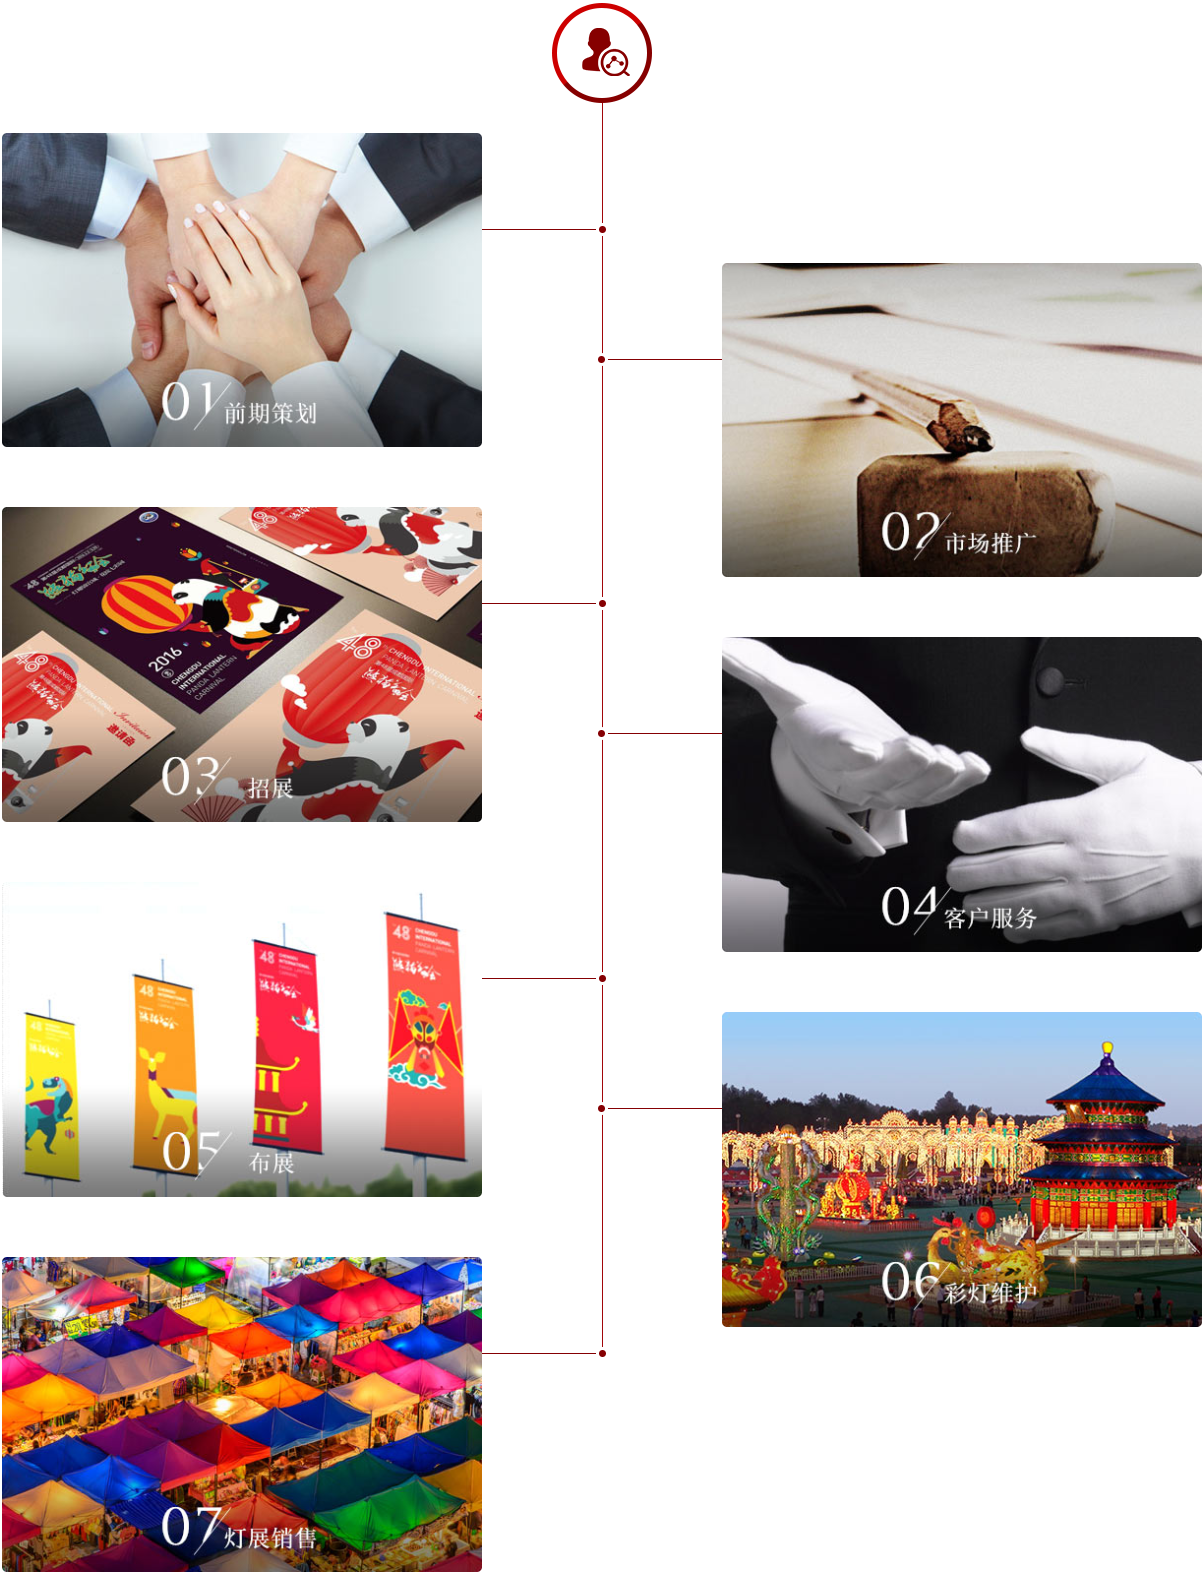 爱尚寰球_中国文化旅游节综合运营商400-8383-905|会展全程运营